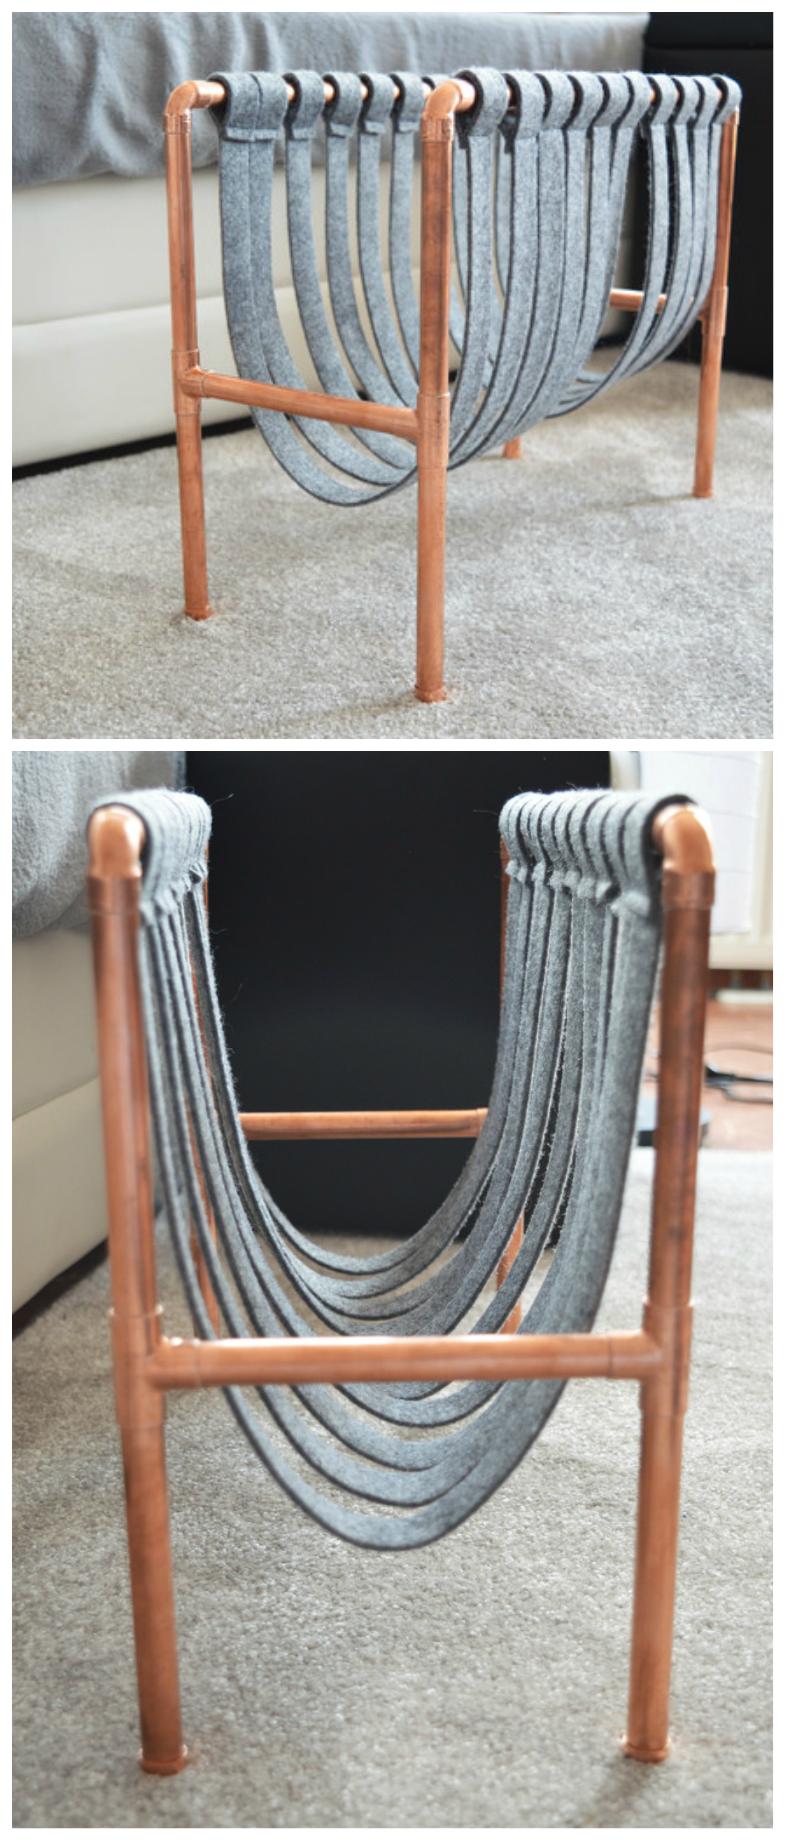 zeitungsst nder f rs wohnzimmer im industrie design aus filz und kupferrohren modern home. Black Bedroom Furniture Sets. Home Design Ideas